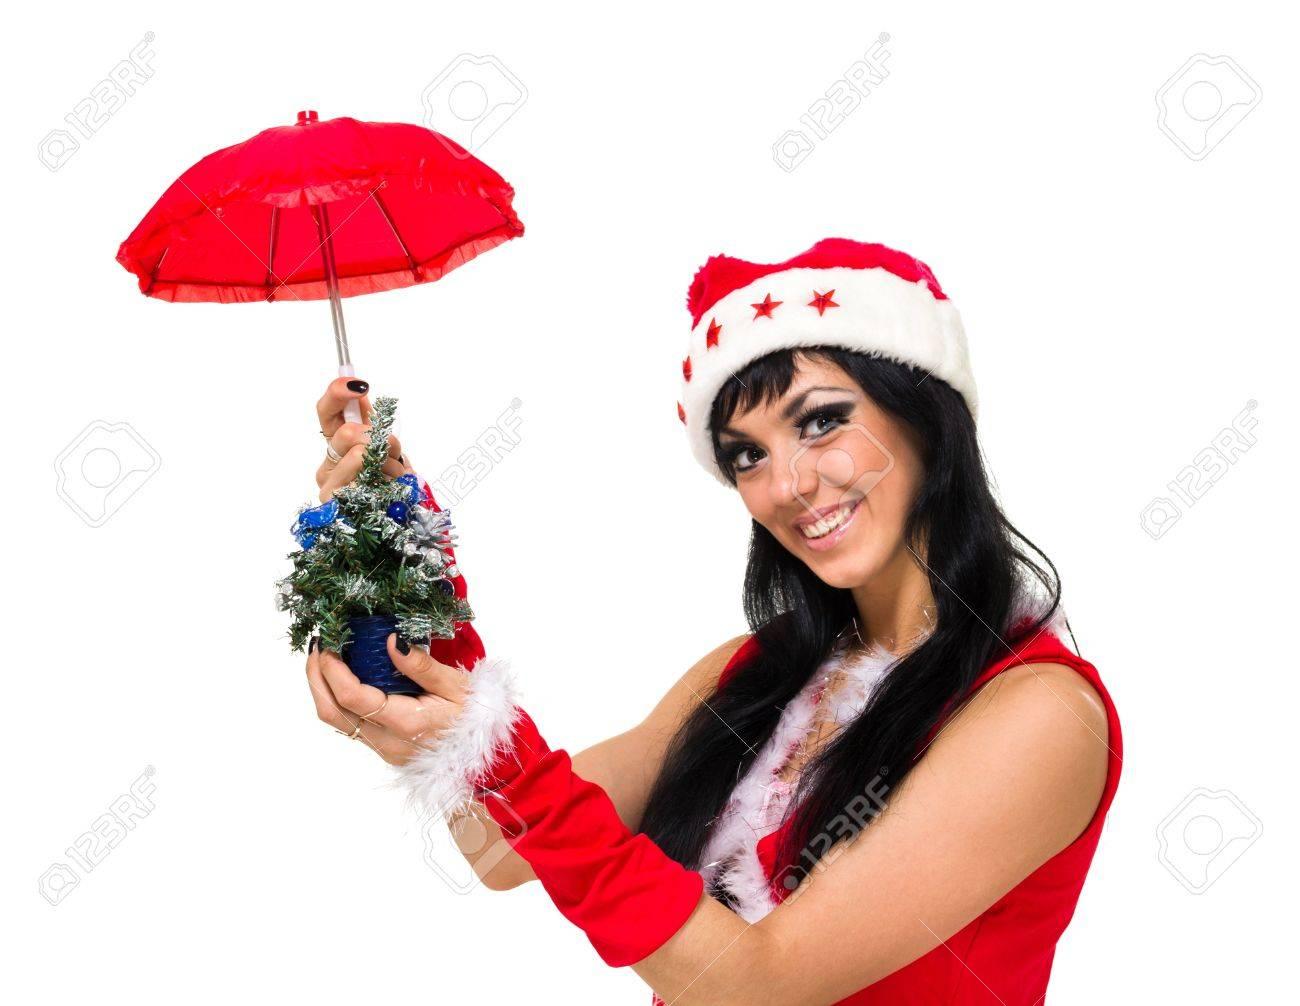 Meisje Dragen Van Santa Claus Kleding Met Een Paraplu En Kerstboom